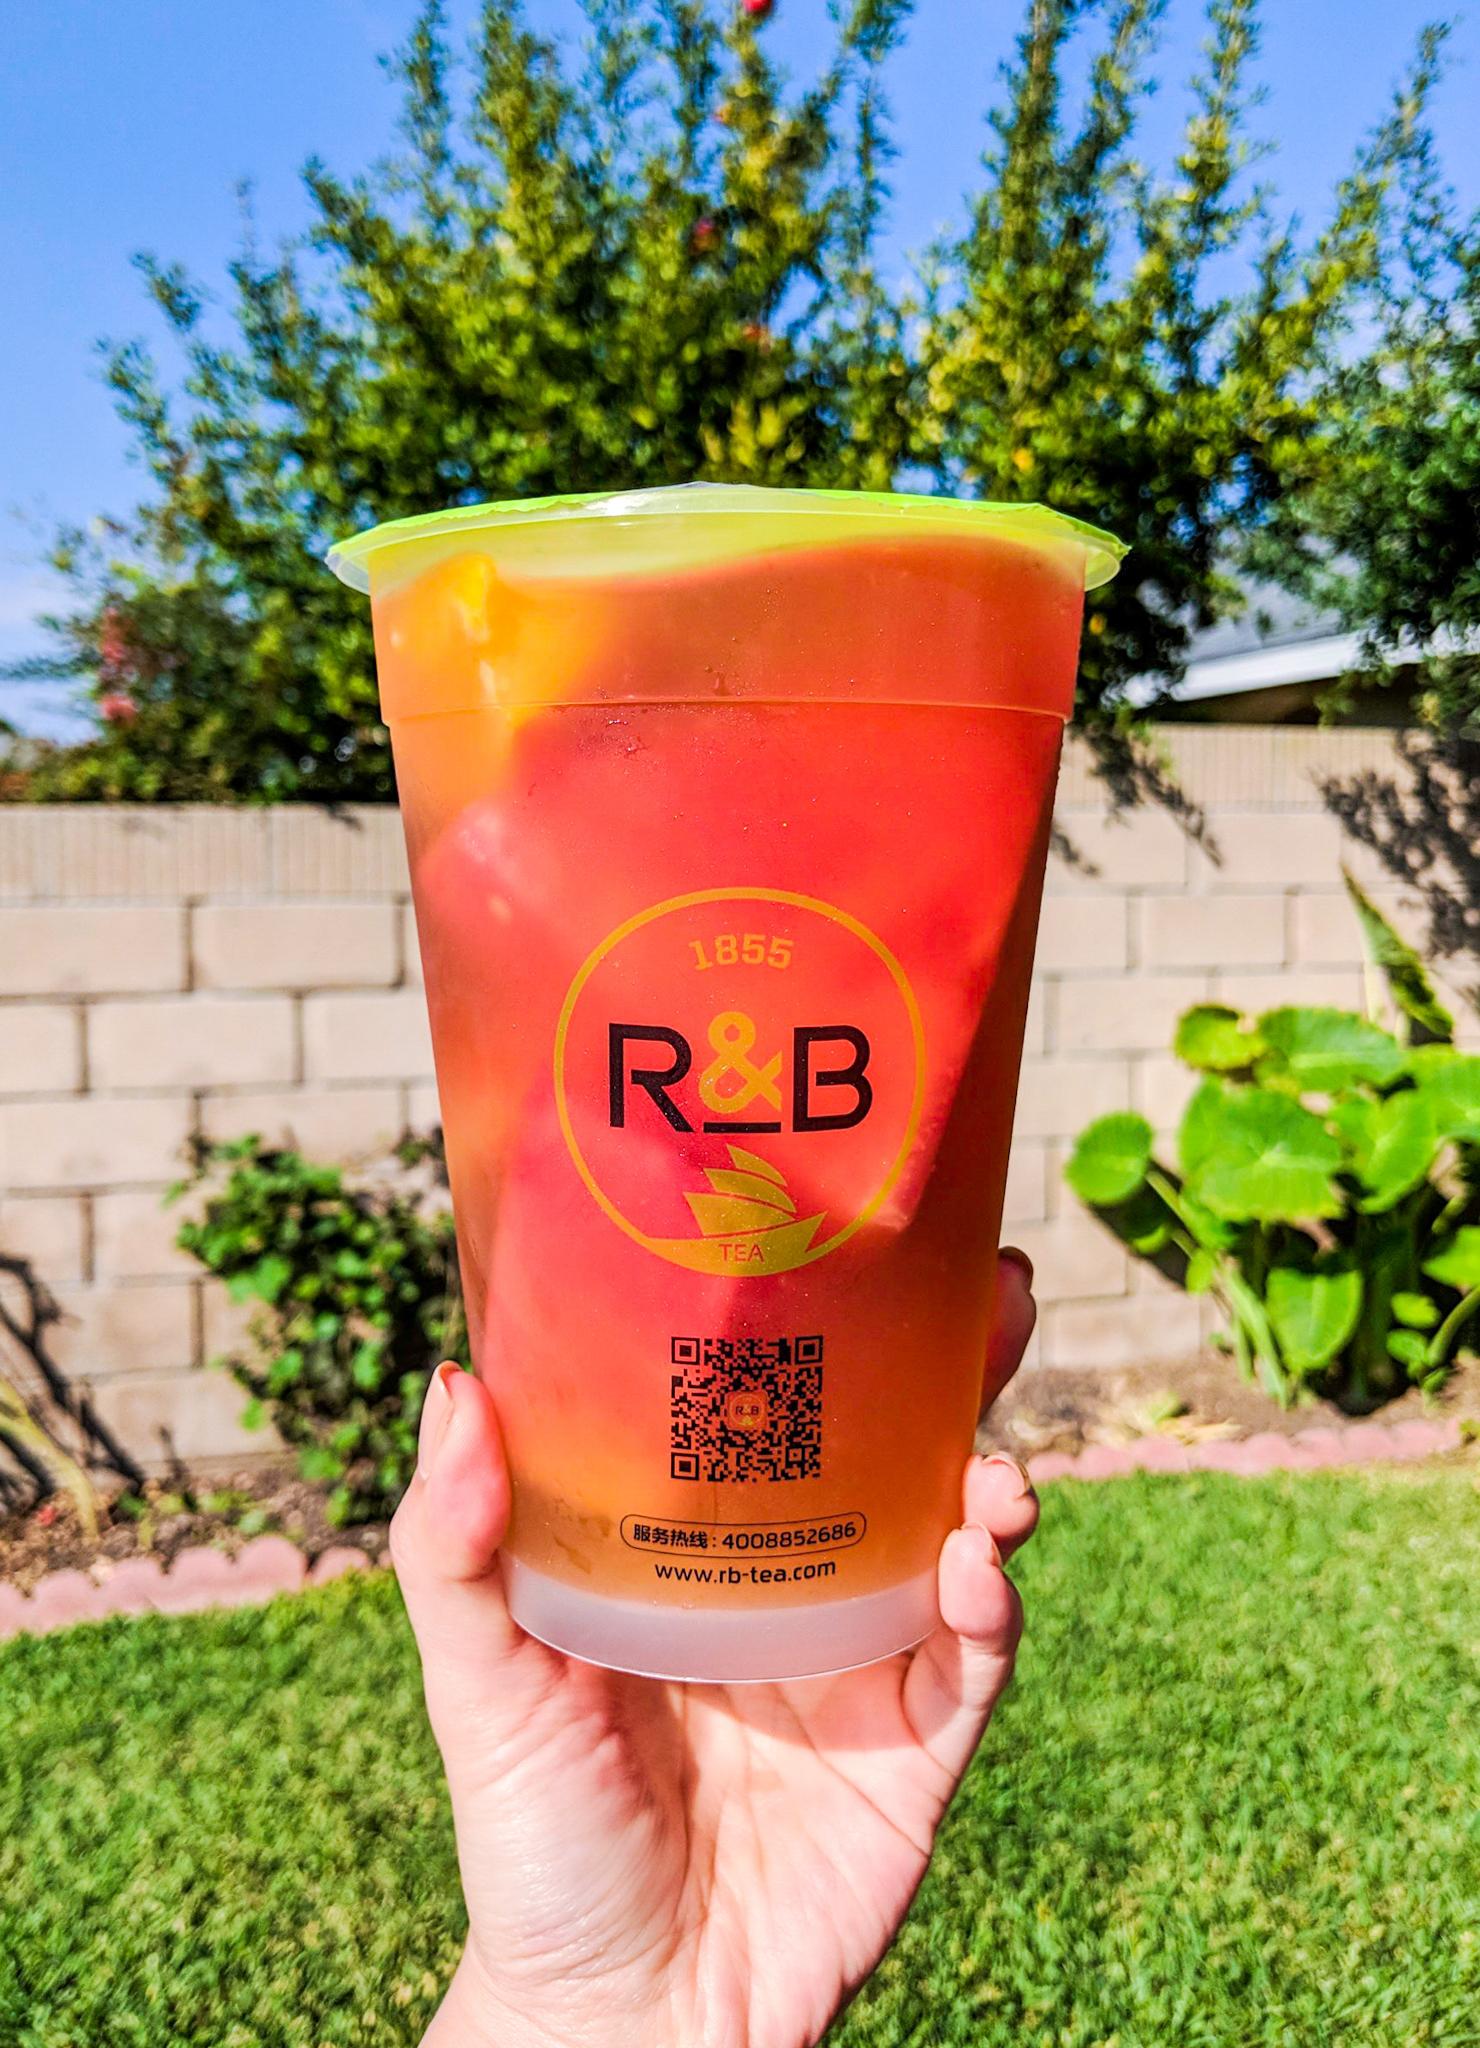 R&B Tea